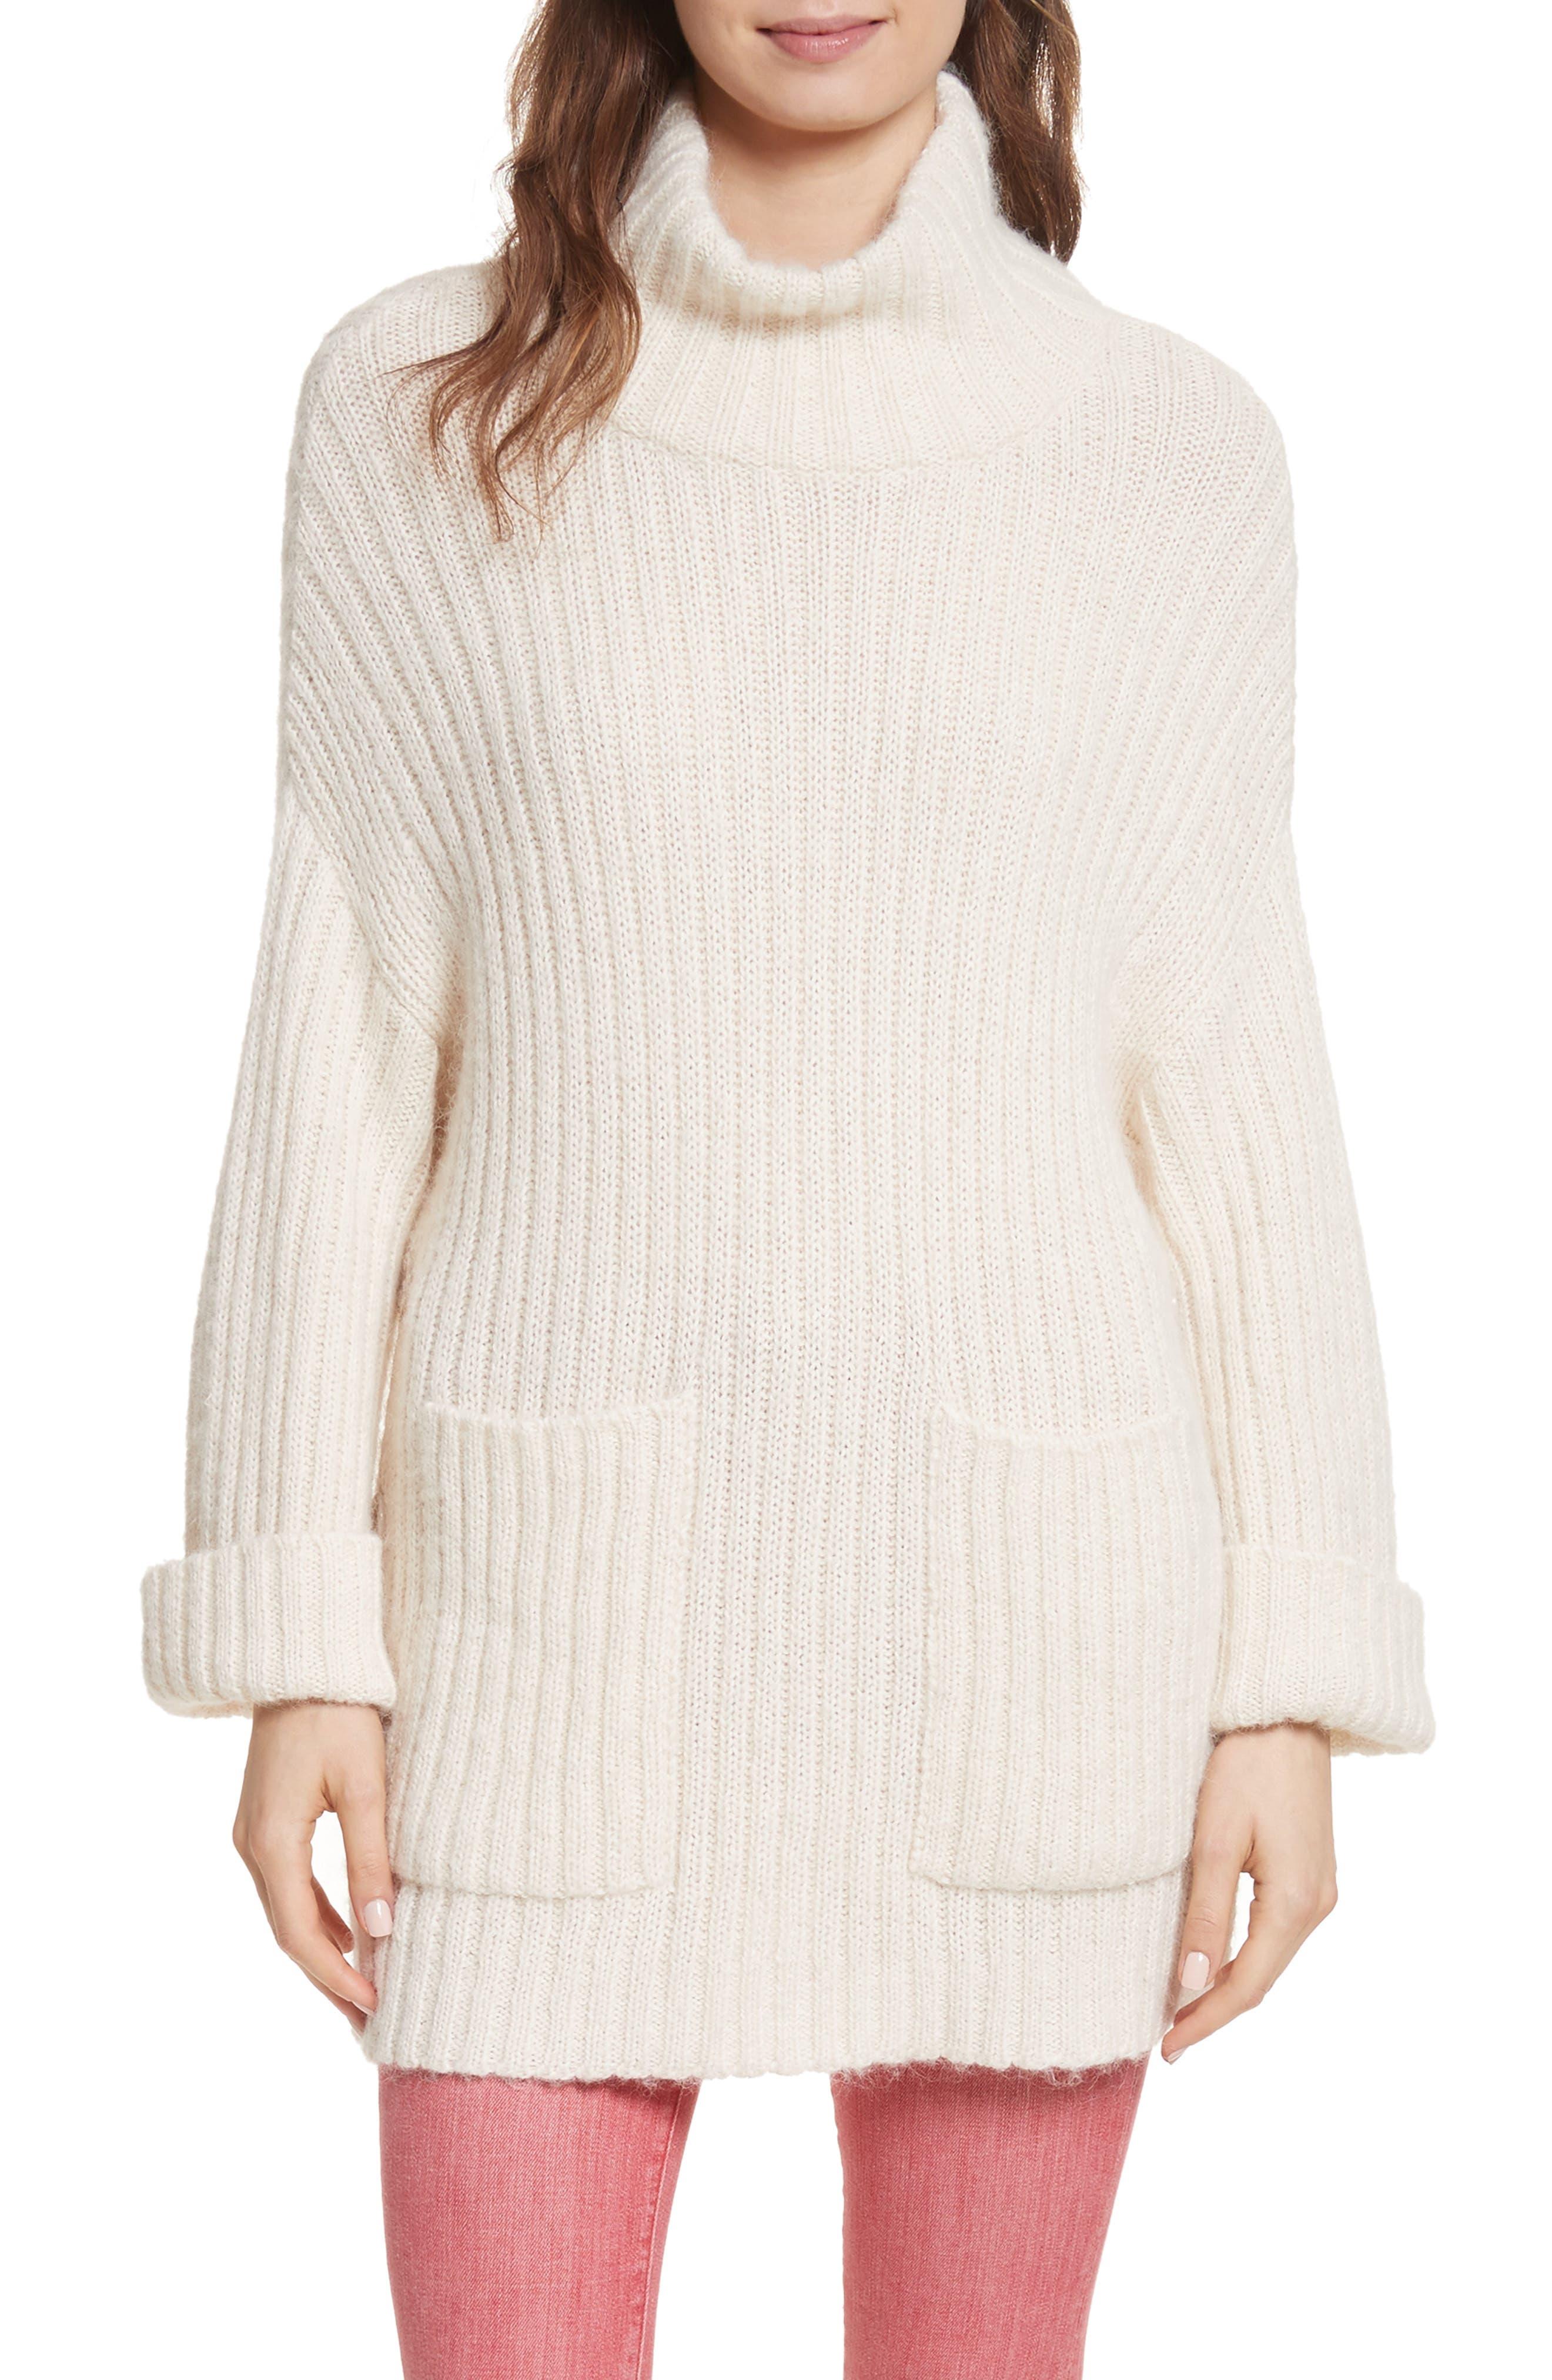 Joie Banain Turtleneck Sweater